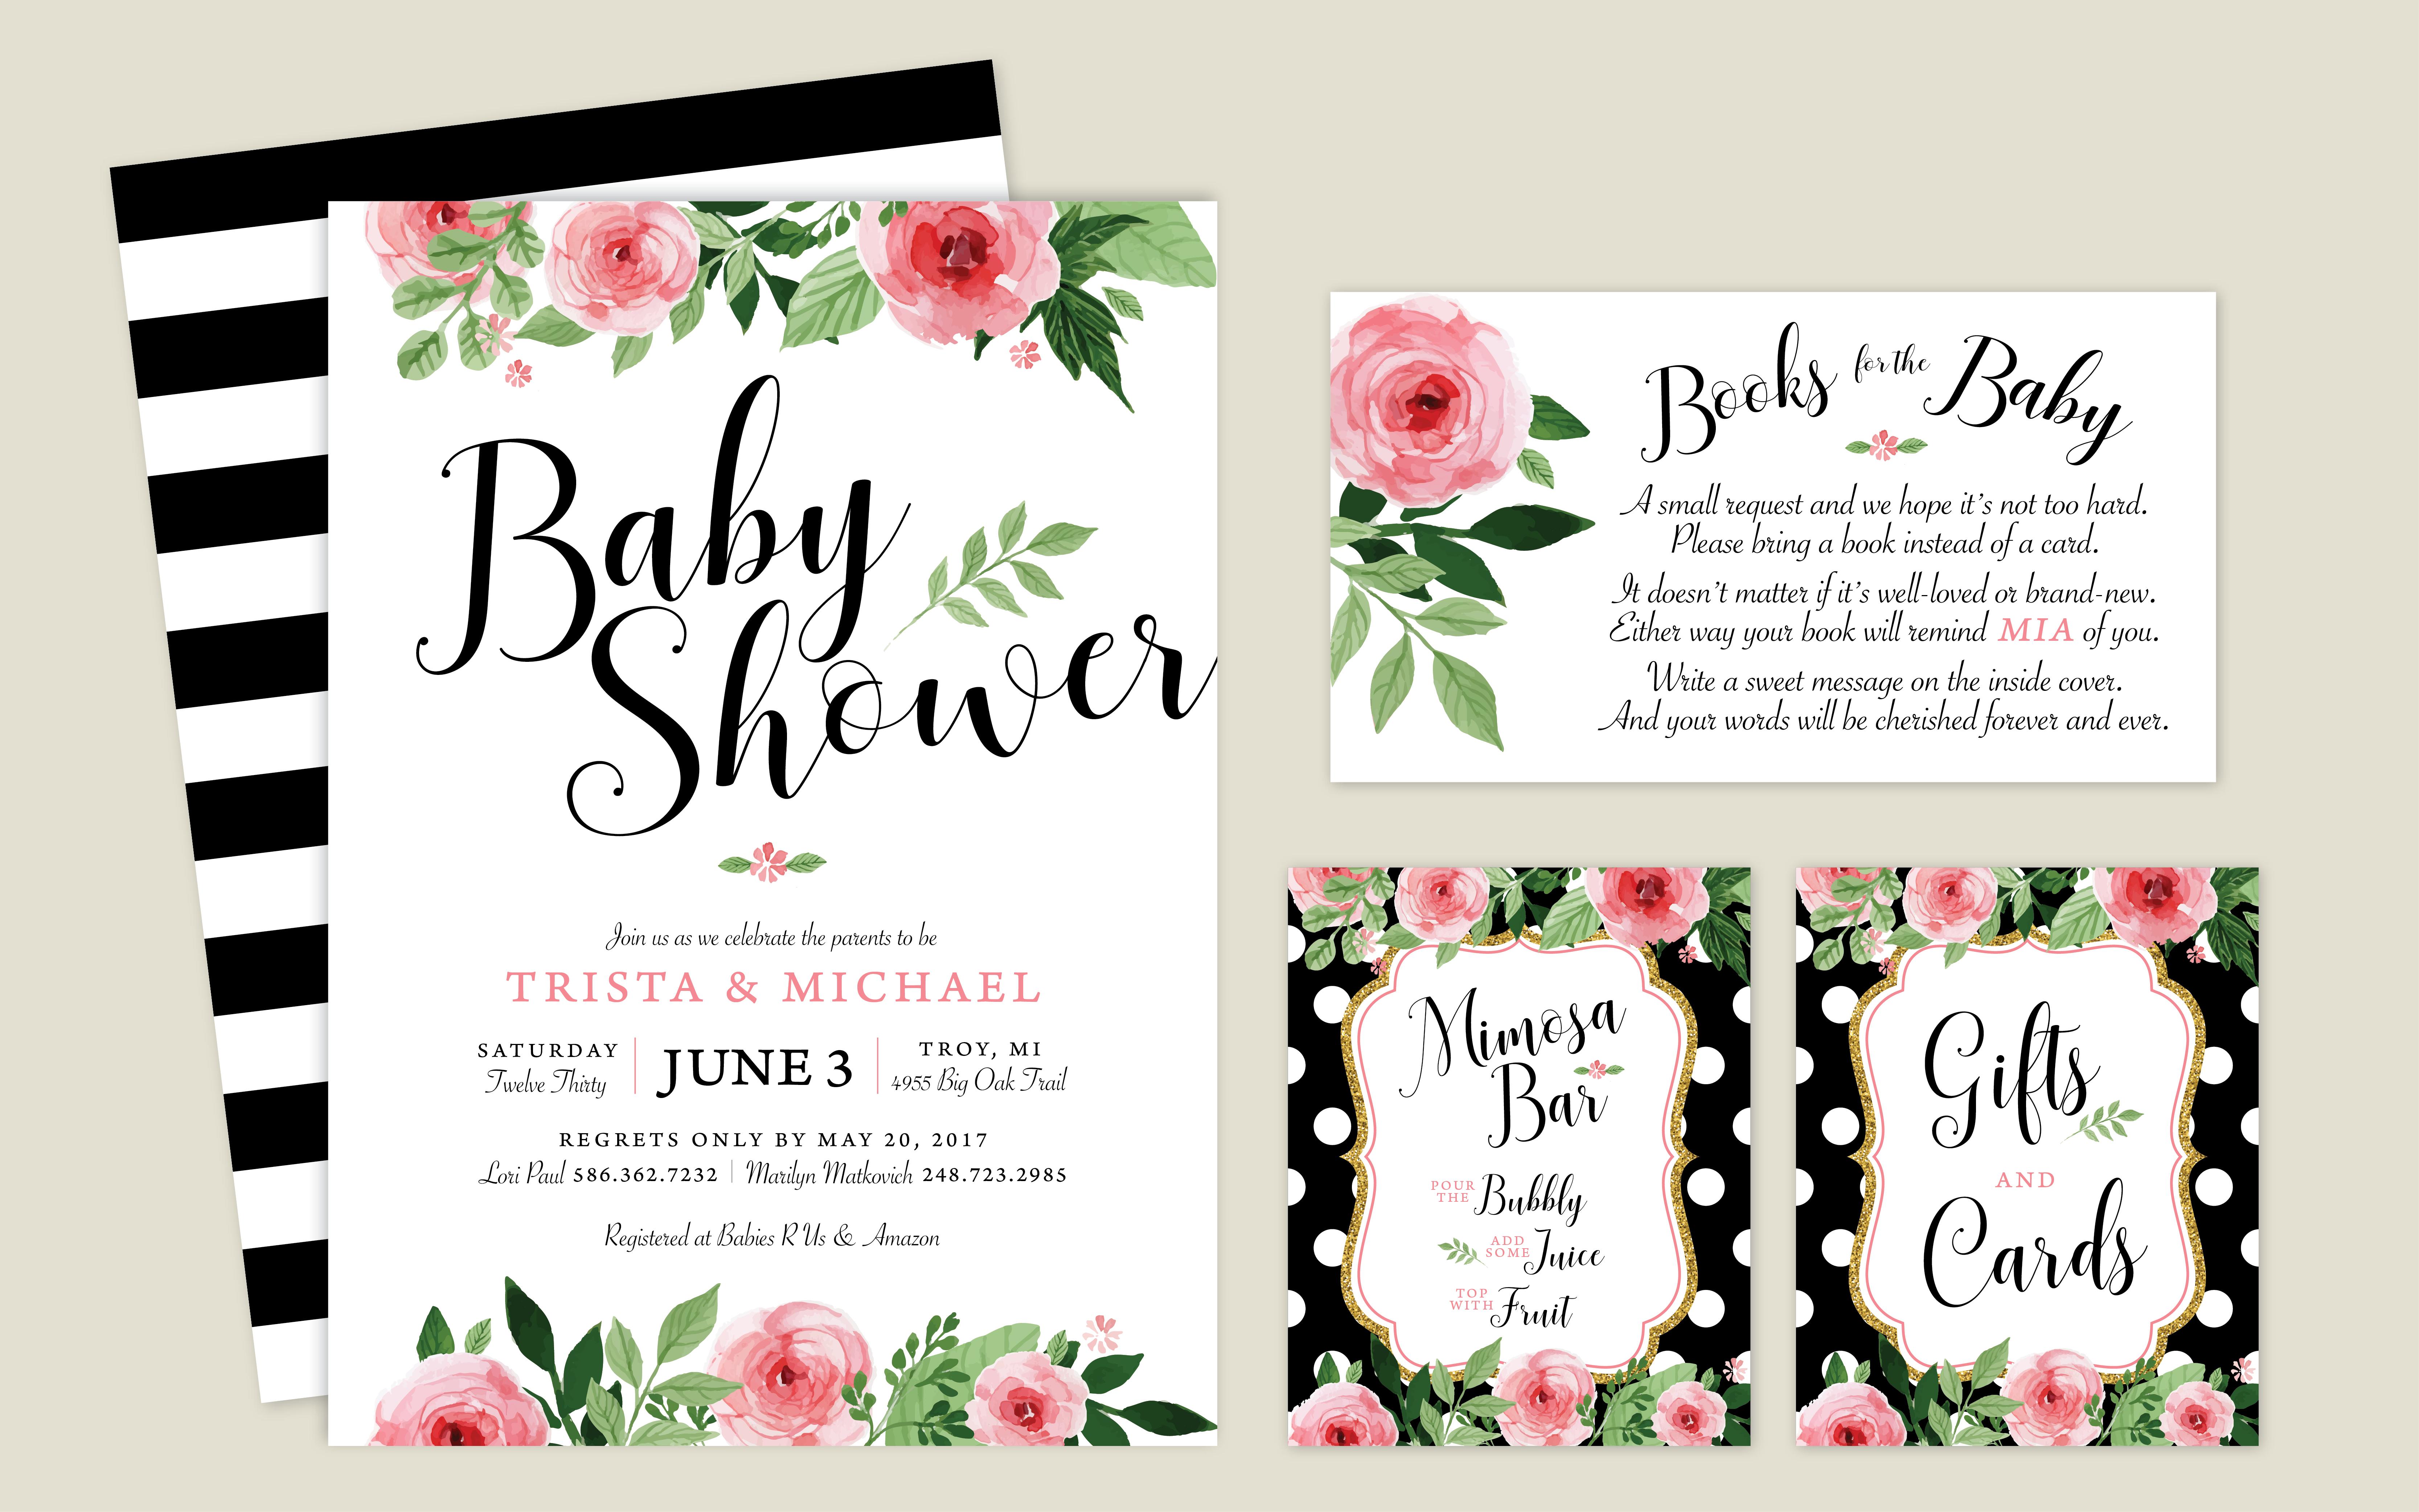 Trista's Baby Shower